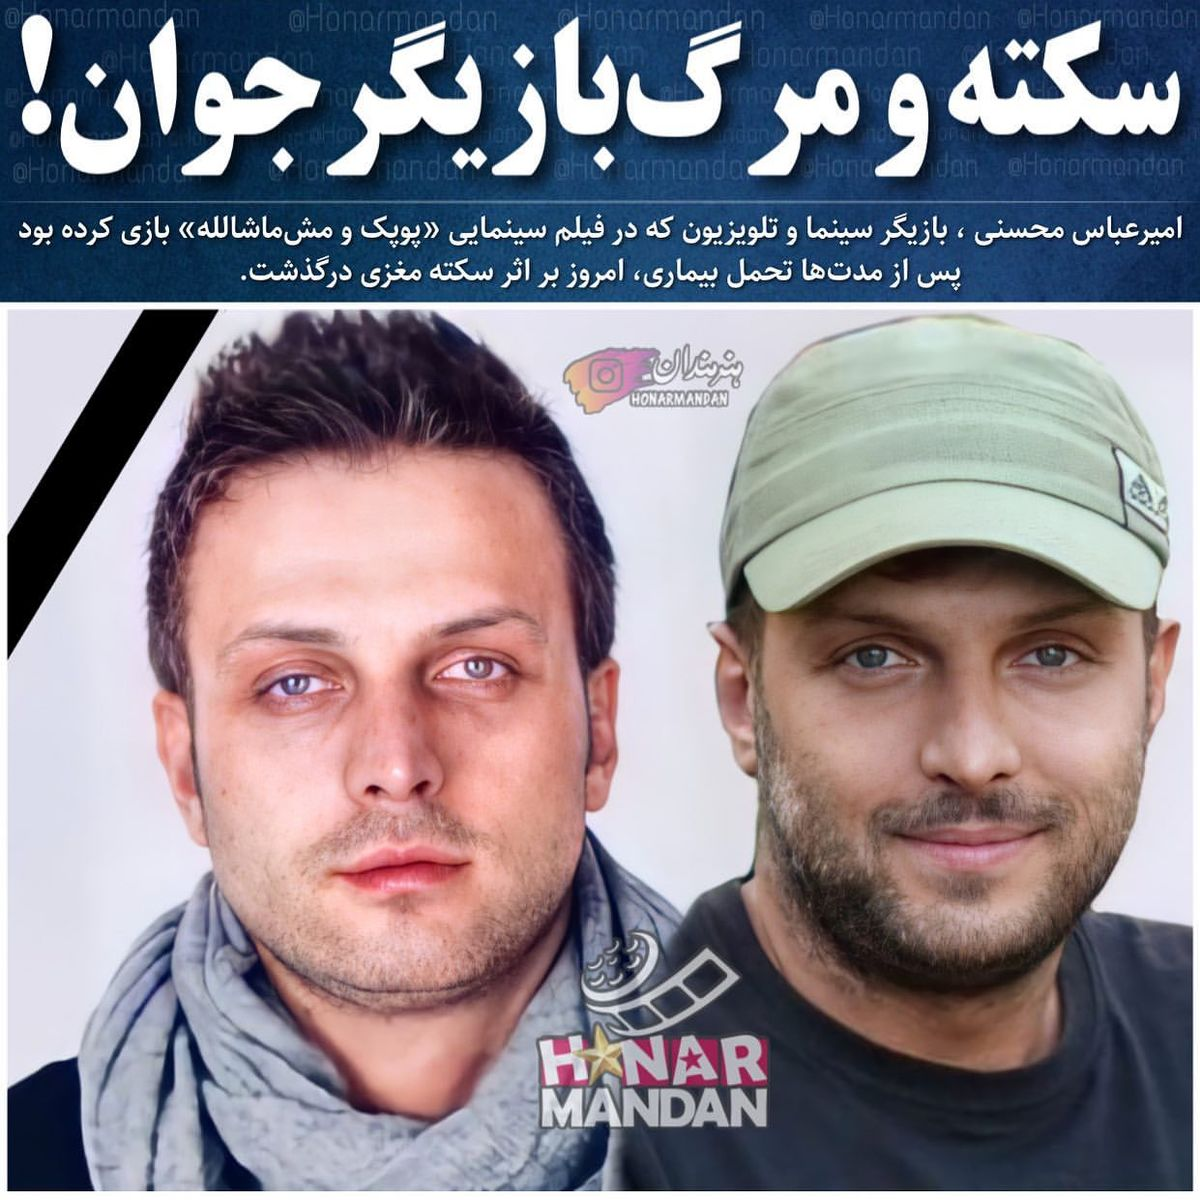 سکته و مرگ بازیگر جوان / امیر عباس محسنی درگذشت